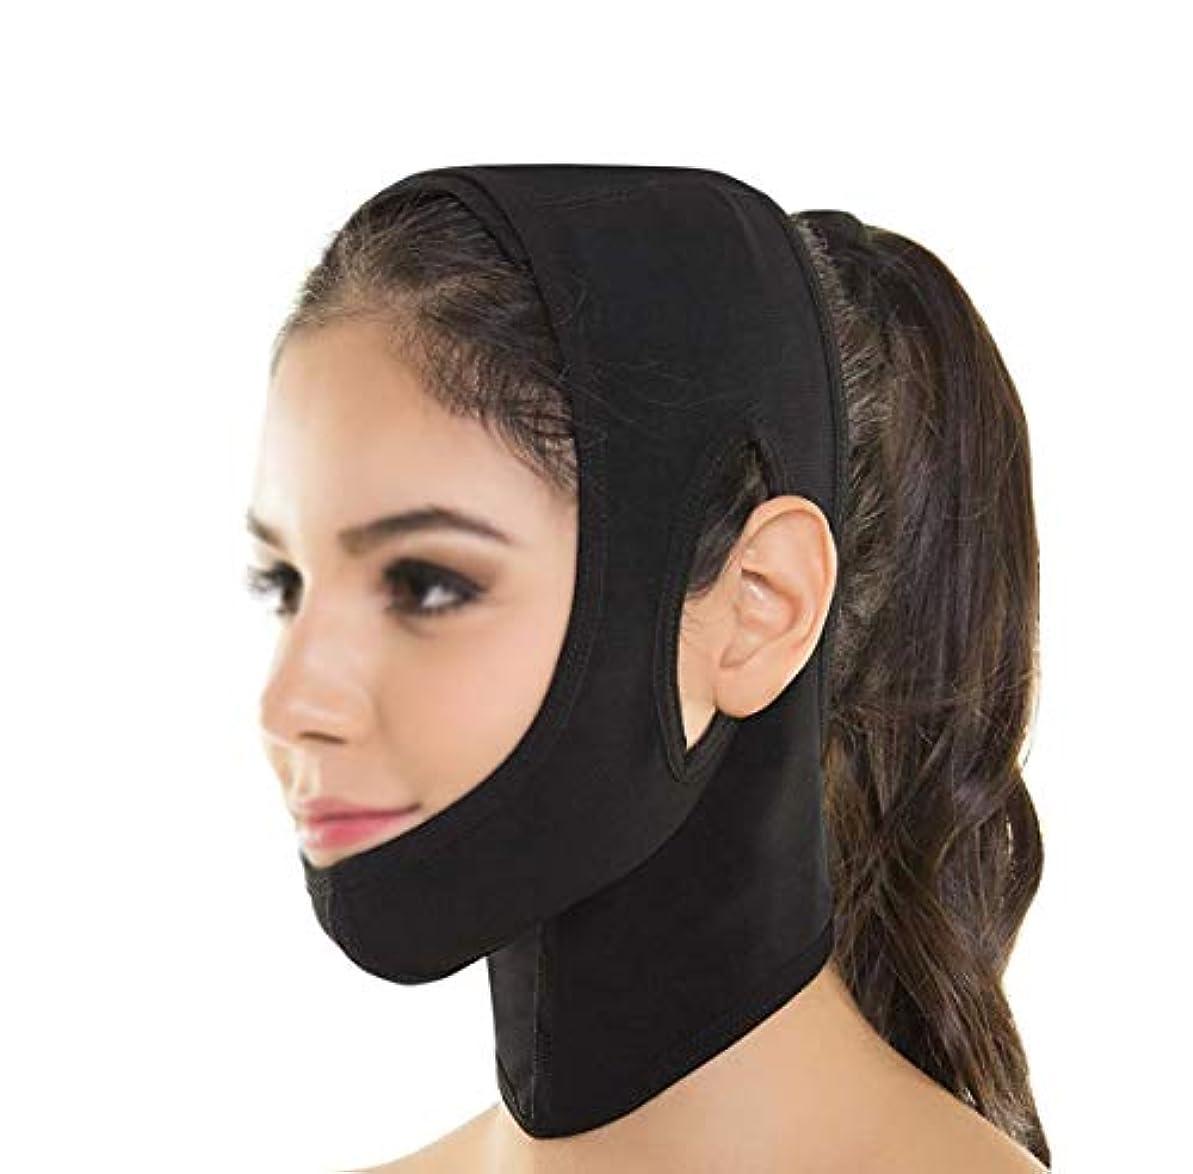 親密な敬礼貫通GLJJQMY フェイシャルリフティングマスクシリコンVマスクリフティングマスクシンフェイスアーティファクトリフティングダブルチン術後包帯フェイシャル&ネックリフティング 顔用整形マスク (Color : Black)